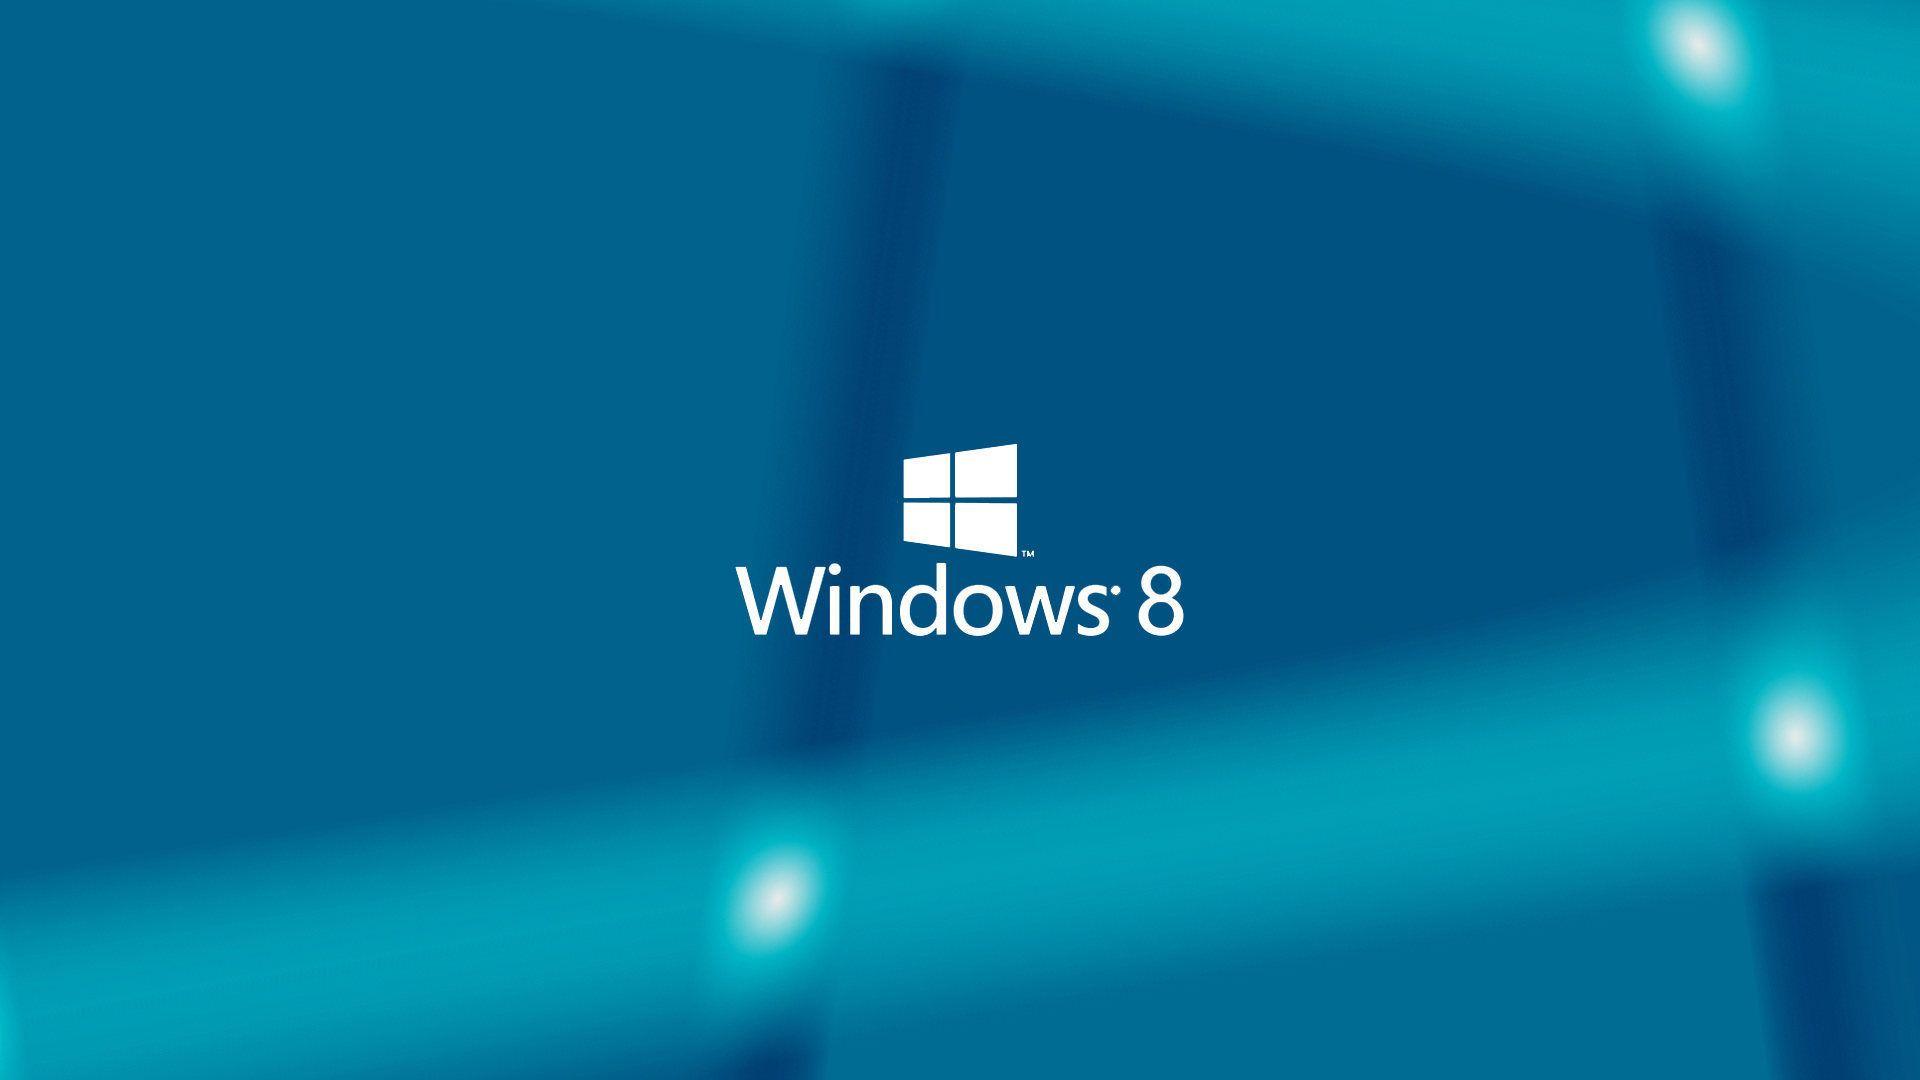 Windows 8 Wallpapers For Desktop Download Here TechBeasts 1920x1080